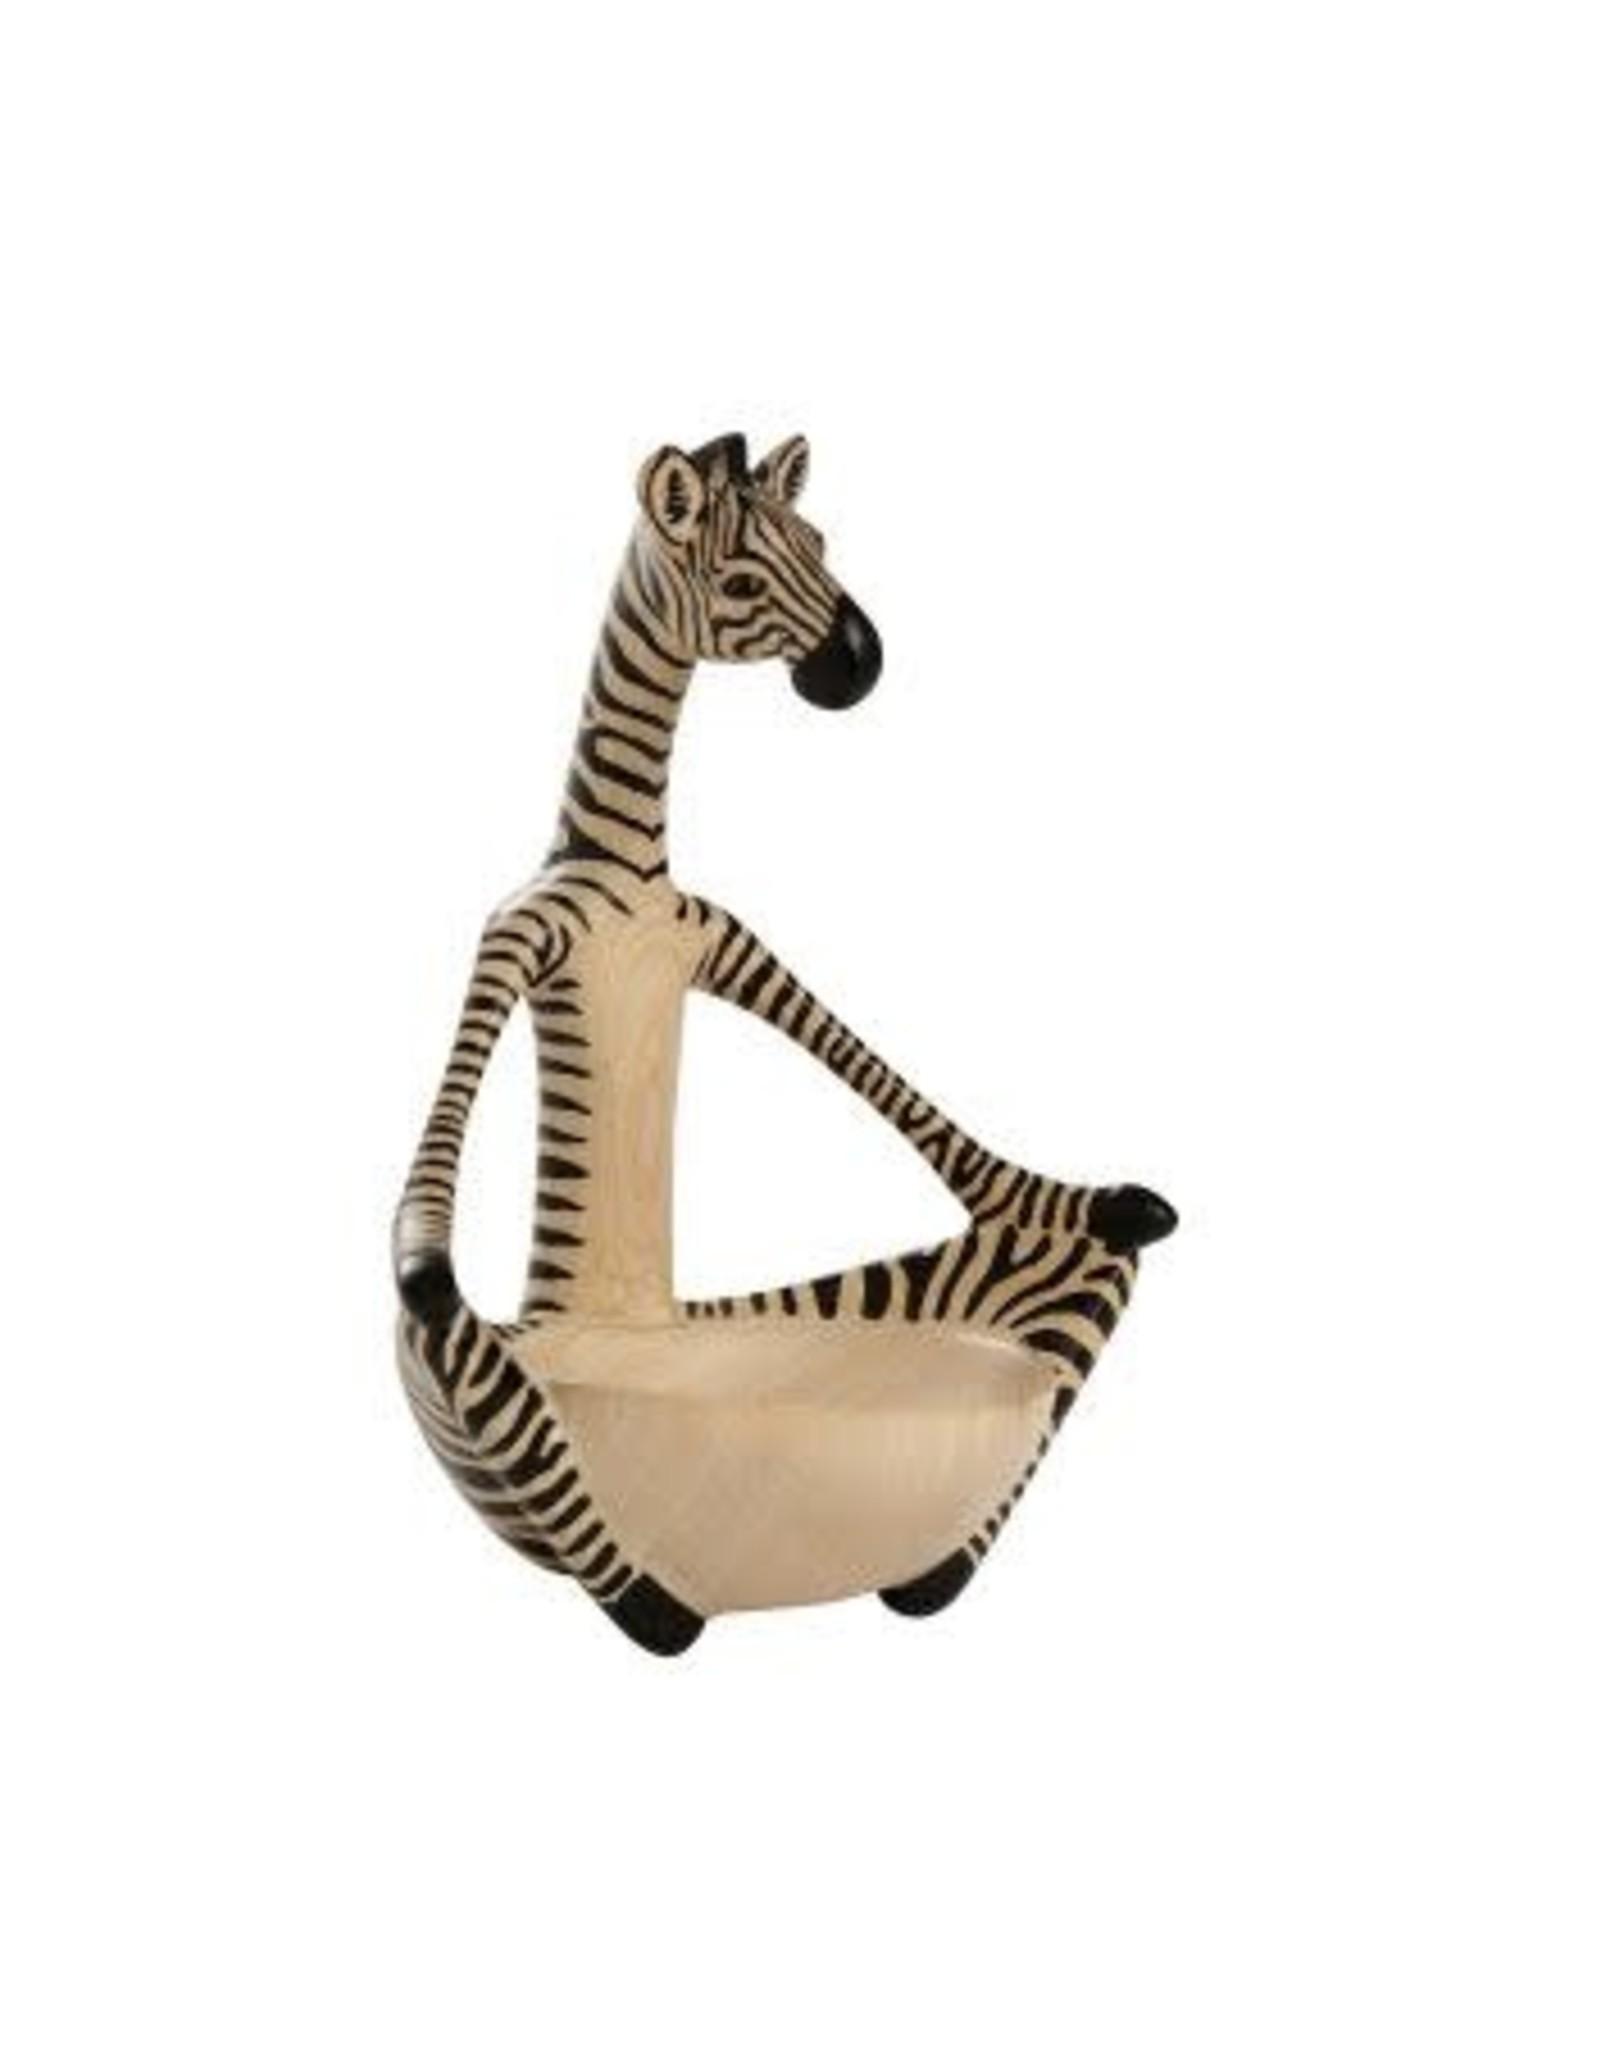 Yoga Zebra Bowl, Kenya